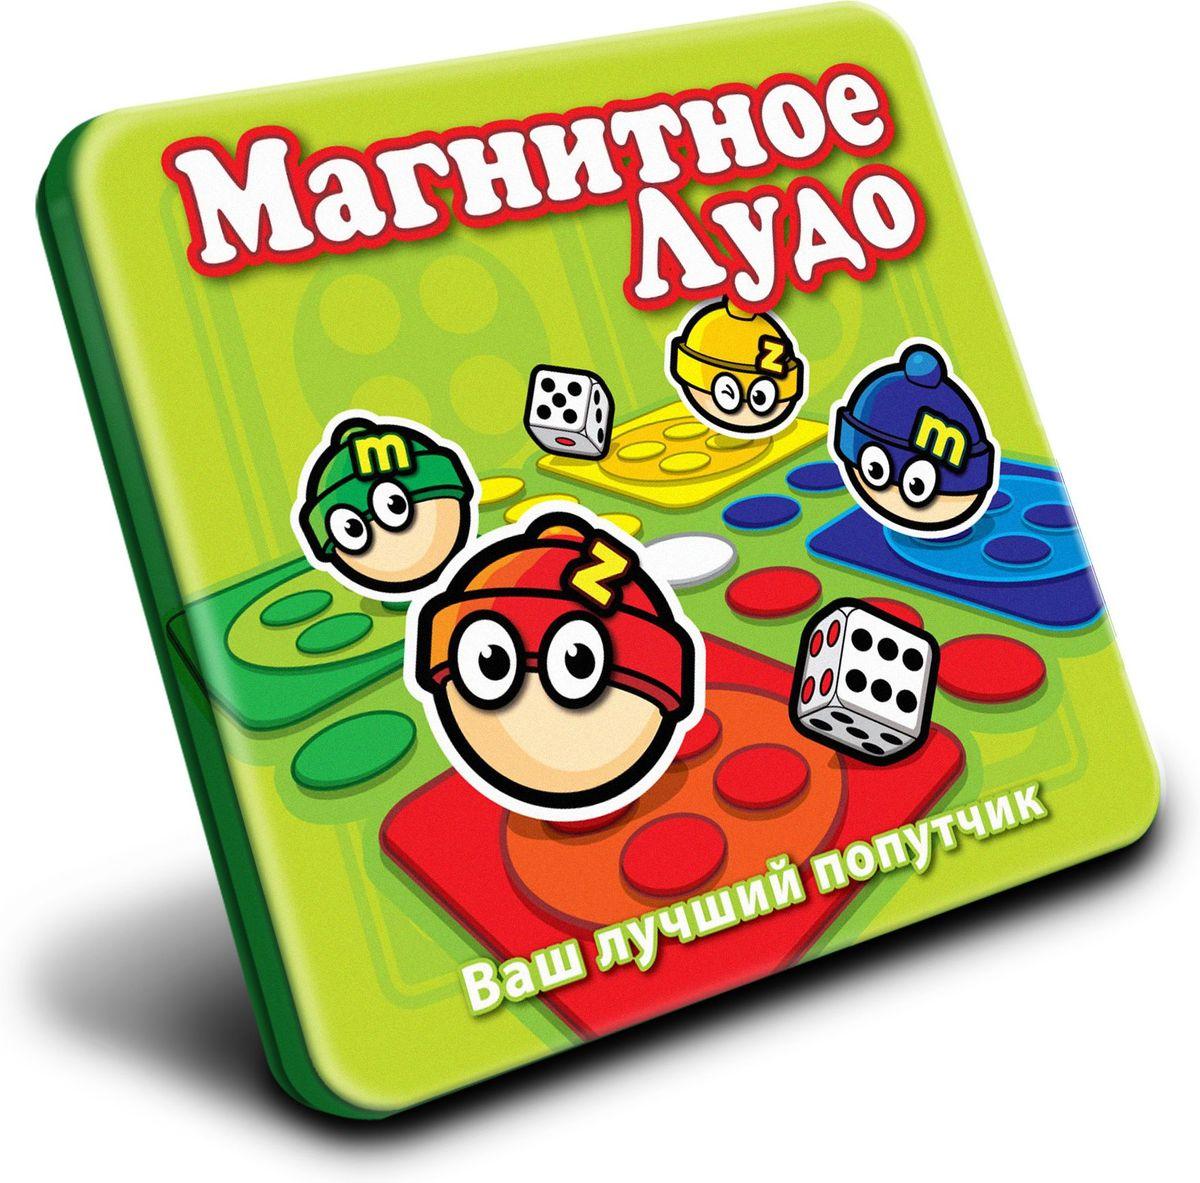 Mack & Zack Магнитная игра ЛудоMT014Лудо возникло из древней индийской игры Пахизи, которая получила название от индийского слова пахиз, означающее 25, максимальную цифру, которую можно получить с броском раковин каури. В Англии в 1896 году была напечатана западная версия игры Пахизи под названием Лудо (от лат. Я играю). С тех пор эта игра очень популярна! Теперь и у вас есть возможность познакомиться с этой игрой в магнитном формате. За время своего существования Лудо завоевала популярность по всему свету. Компания Mack & Zack предлагает дорожную версию знаменитой игры. Ее особенность заключается в магнитных фишках и компактом игровом поле, помещенном на металлической крышке коробки. Магнитной игре не страшны ни качка, ни тряска, ни резкие повороты трассы. Фишки останутся на своих местах при любых условиях. А благодаря компактным размерам магнитная игра Mack & Zack Лудо легко поместится в небольшой чемодан и даже дамскую сумку.